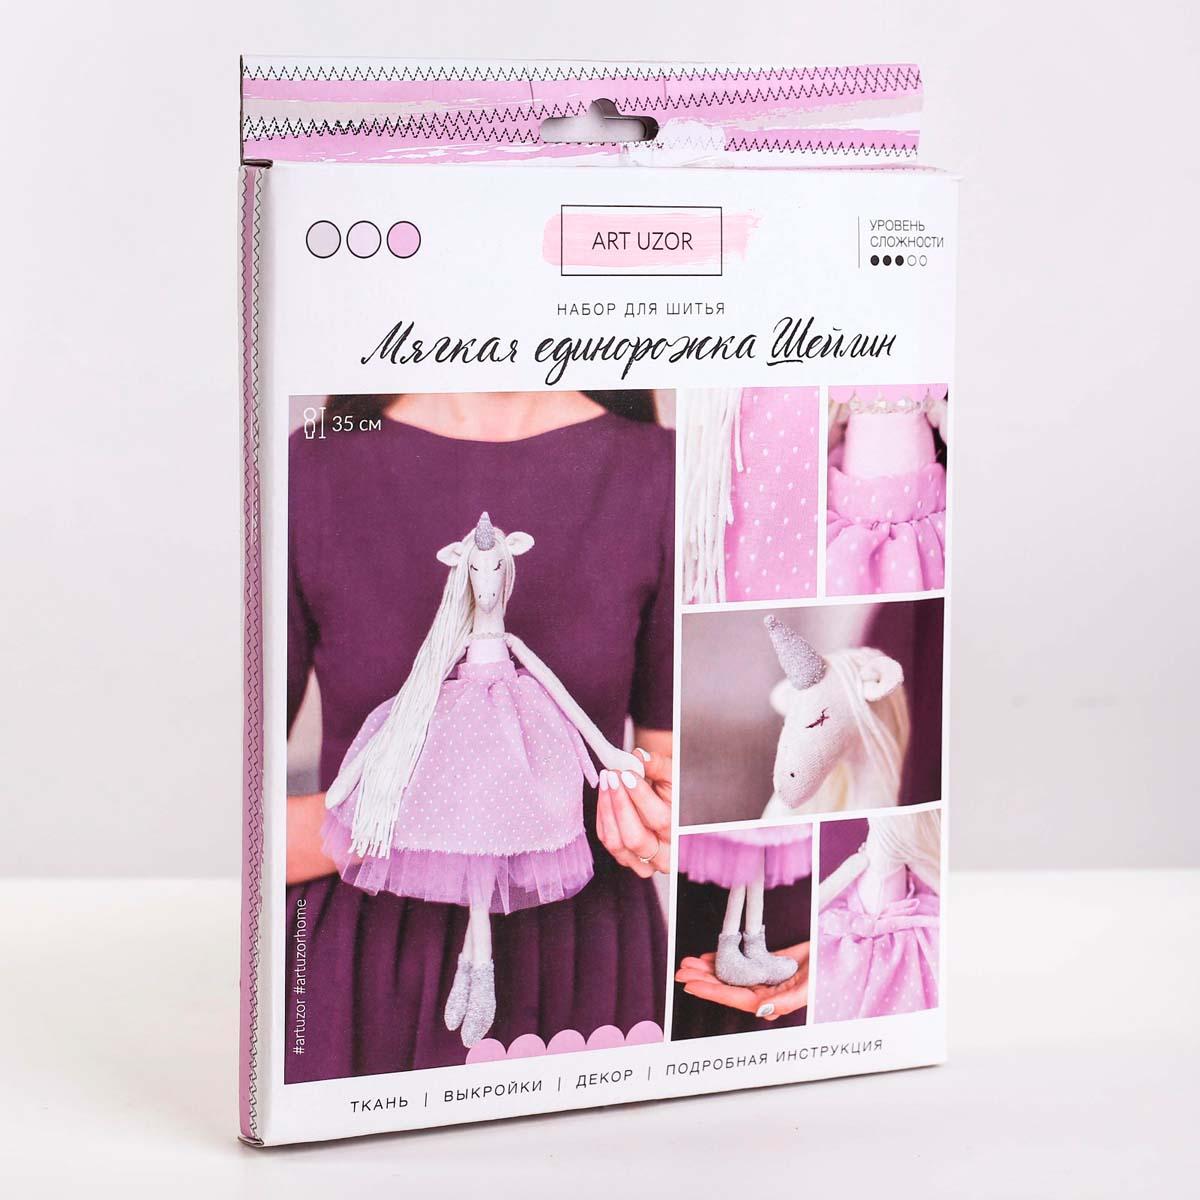 3739959 Мягкая игрушка «Мягкая единорожка Шейлин», набор для шитья, 18*22.5*2 см